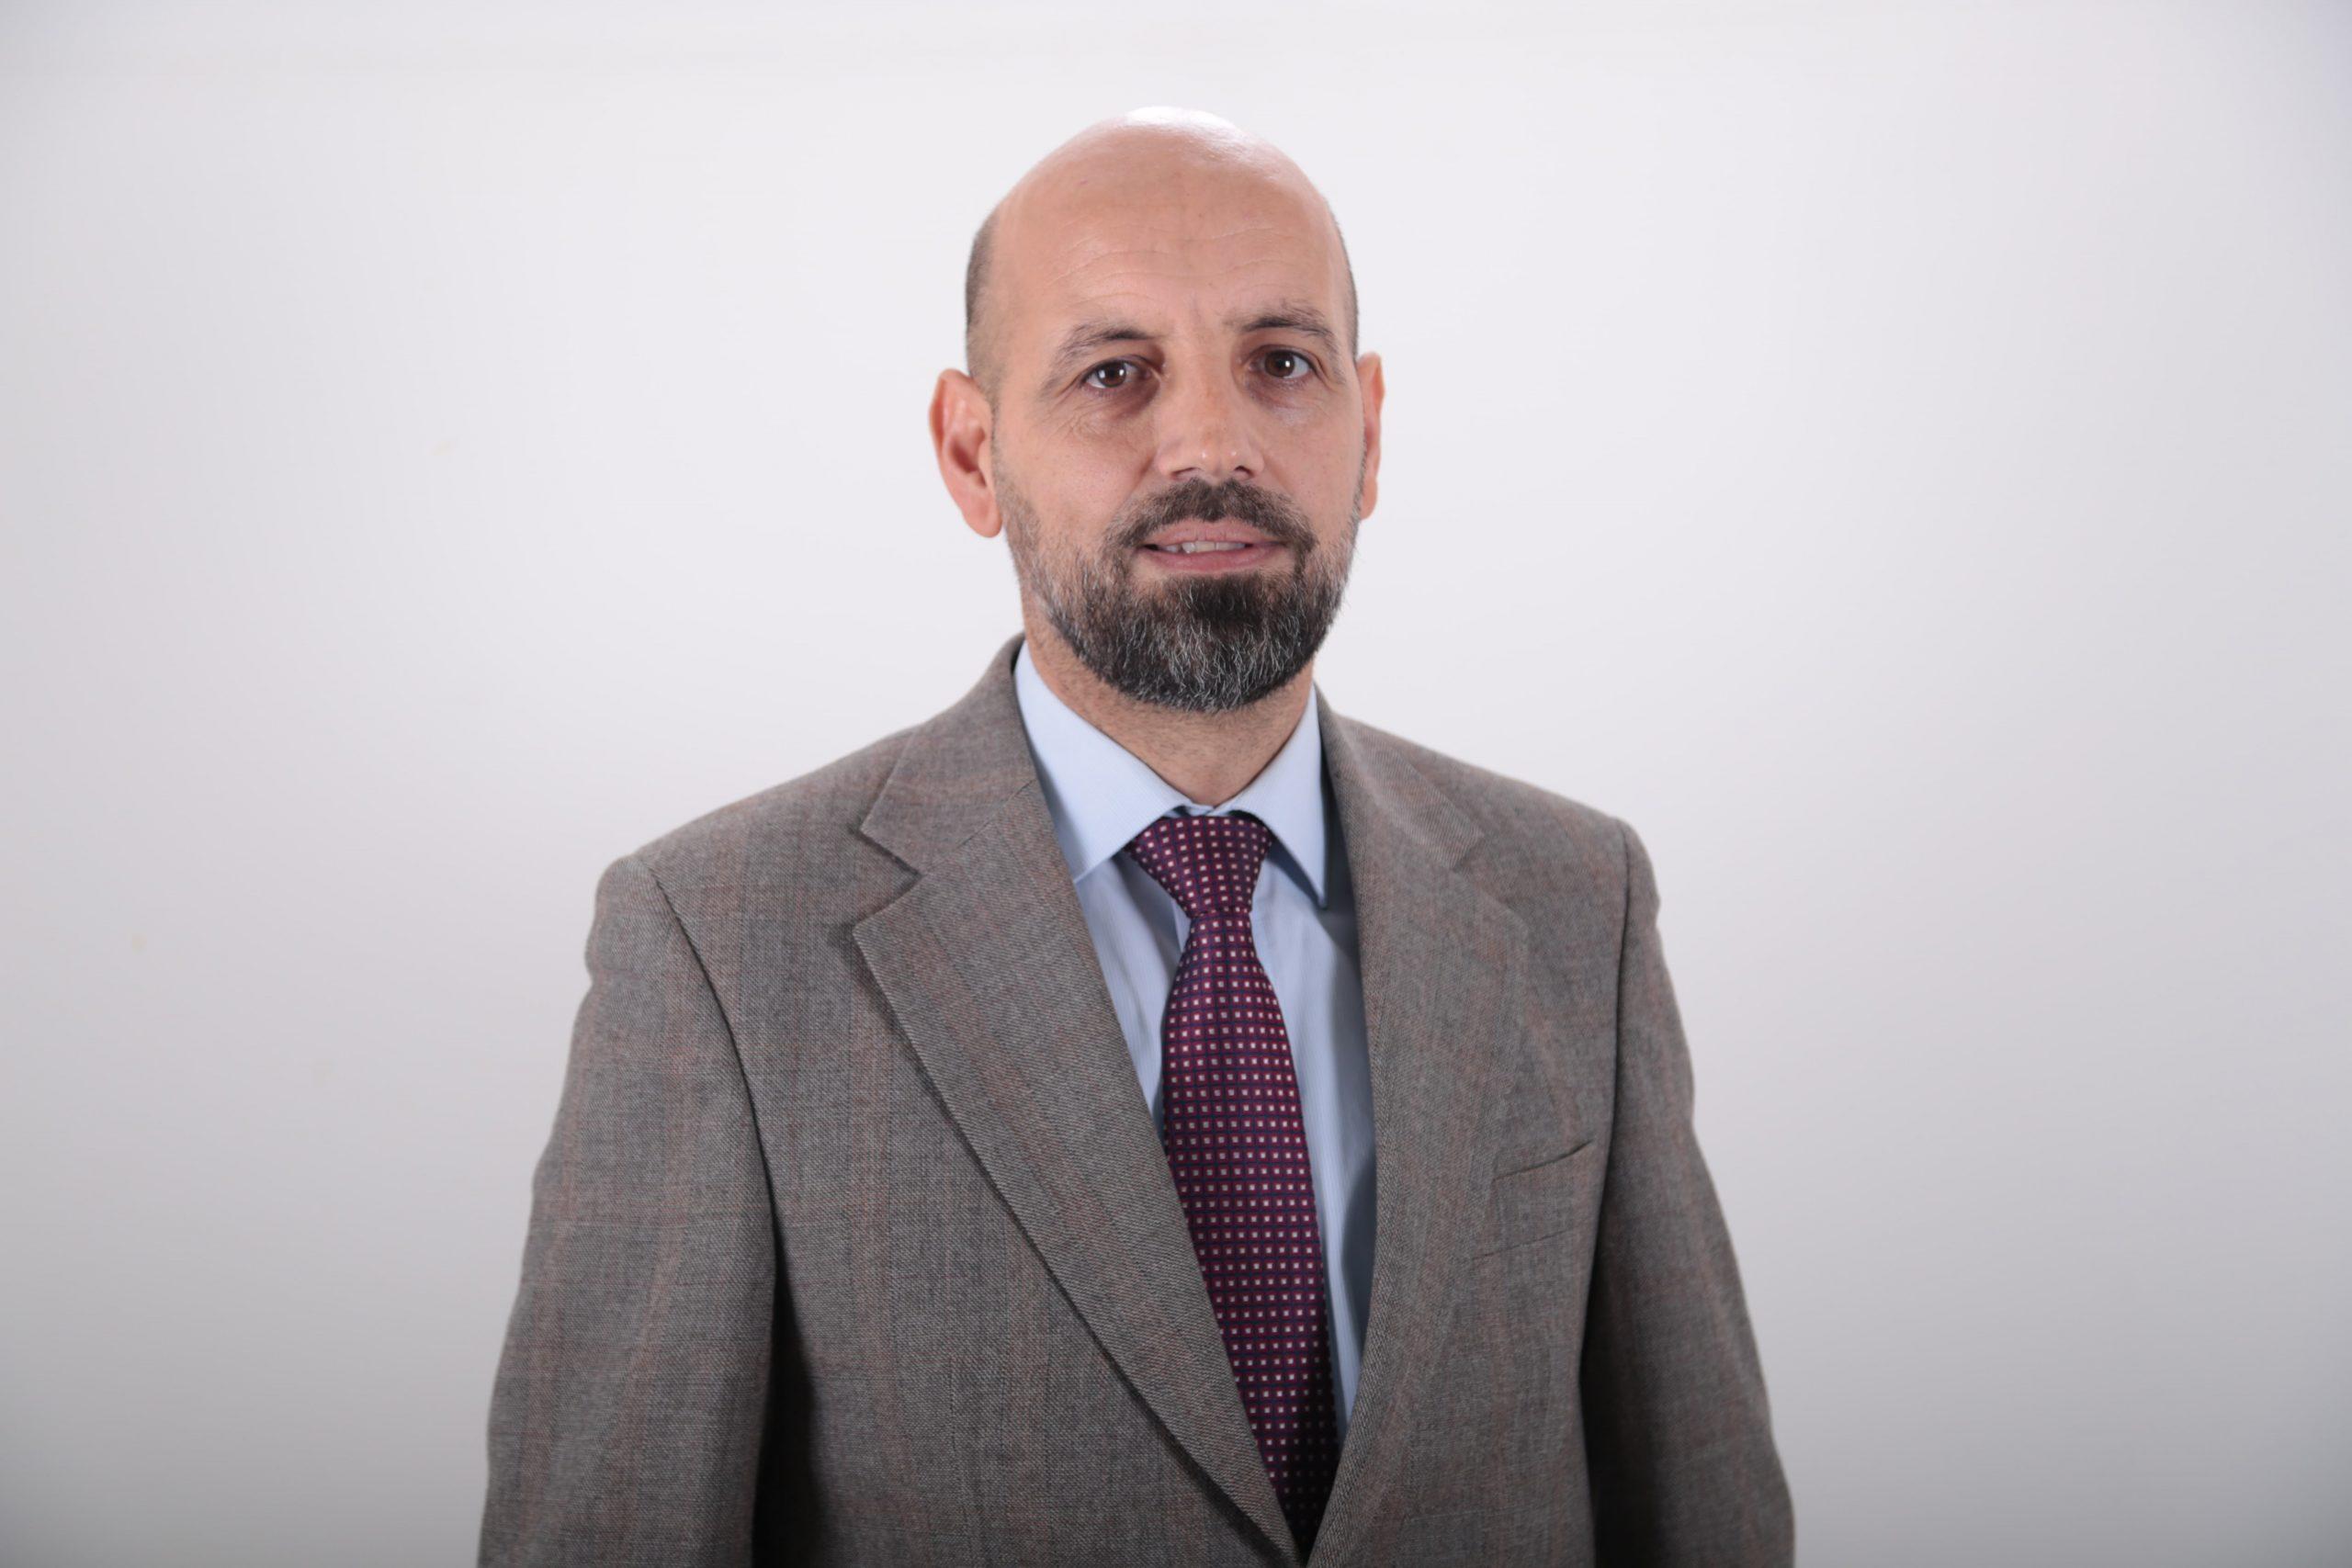 Arben Gjukaj